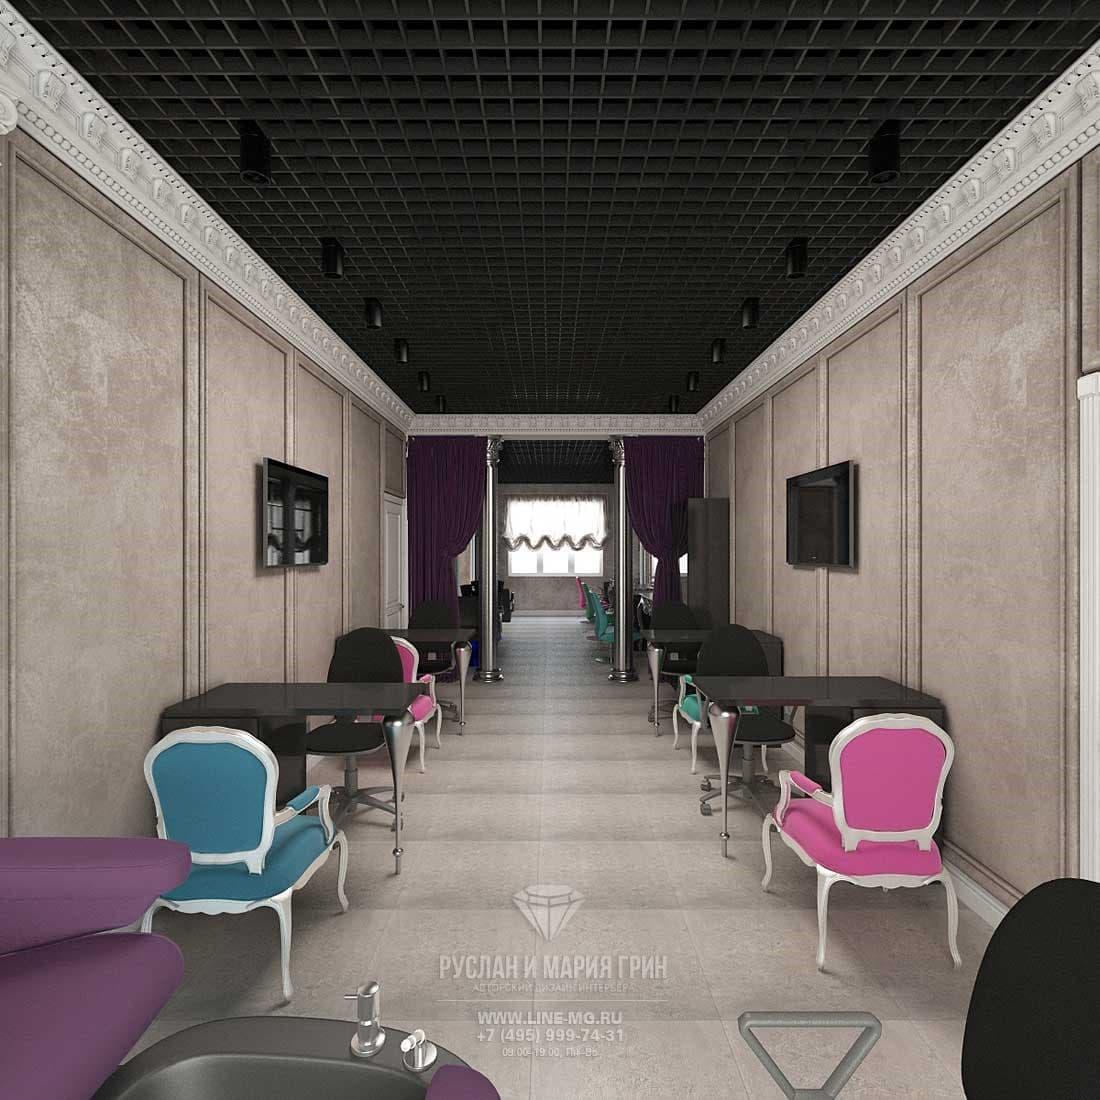 Дизайнерский интерьер салона красоты. Маникюрный зал